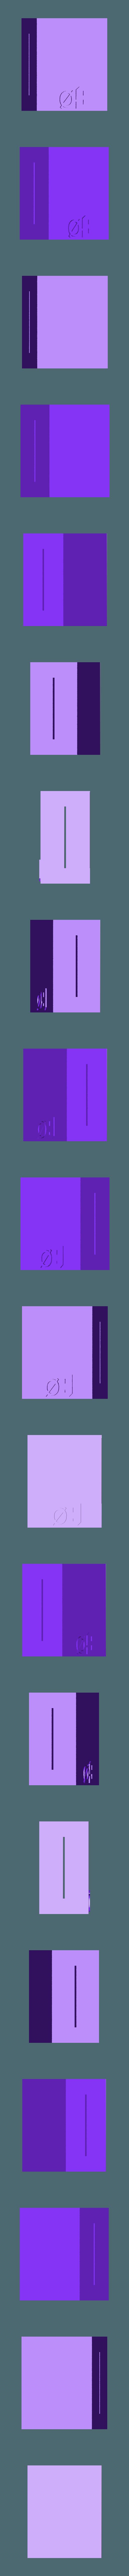 seka%C4%8D_cevi_9.stl Télécharger fichier STL gratuit Séparateurs de tuyau en plastique • Modèle imprimable en 3D, manukrafter